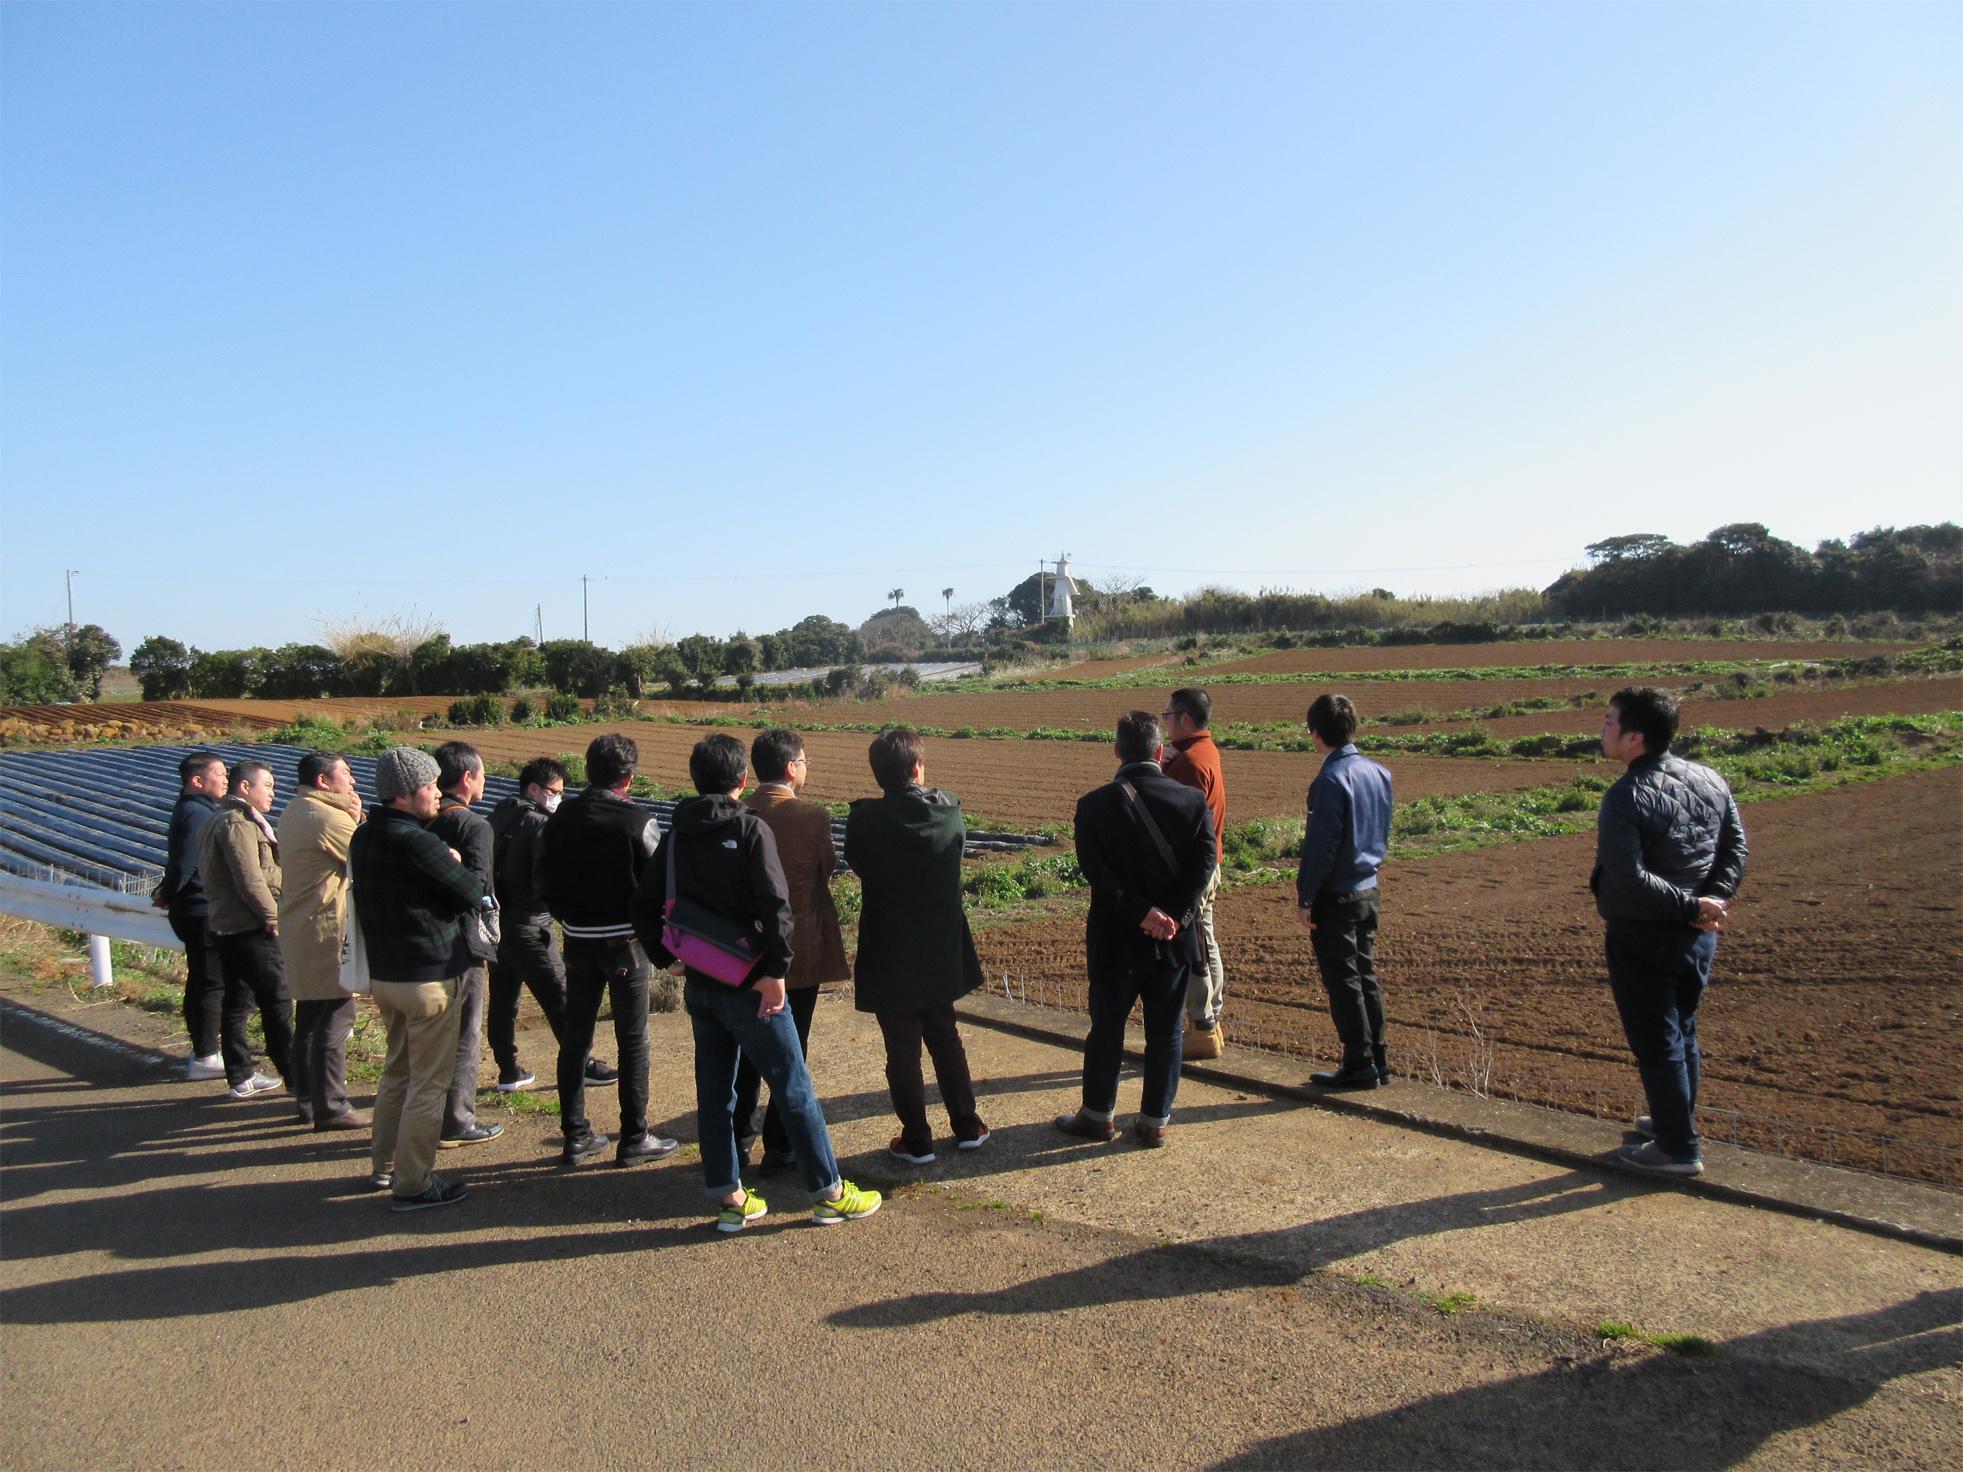 翌日の午前中にグラウンドペチカ、ながさき黄金を栽培している松浦農場をシェフに視察して頂きました。